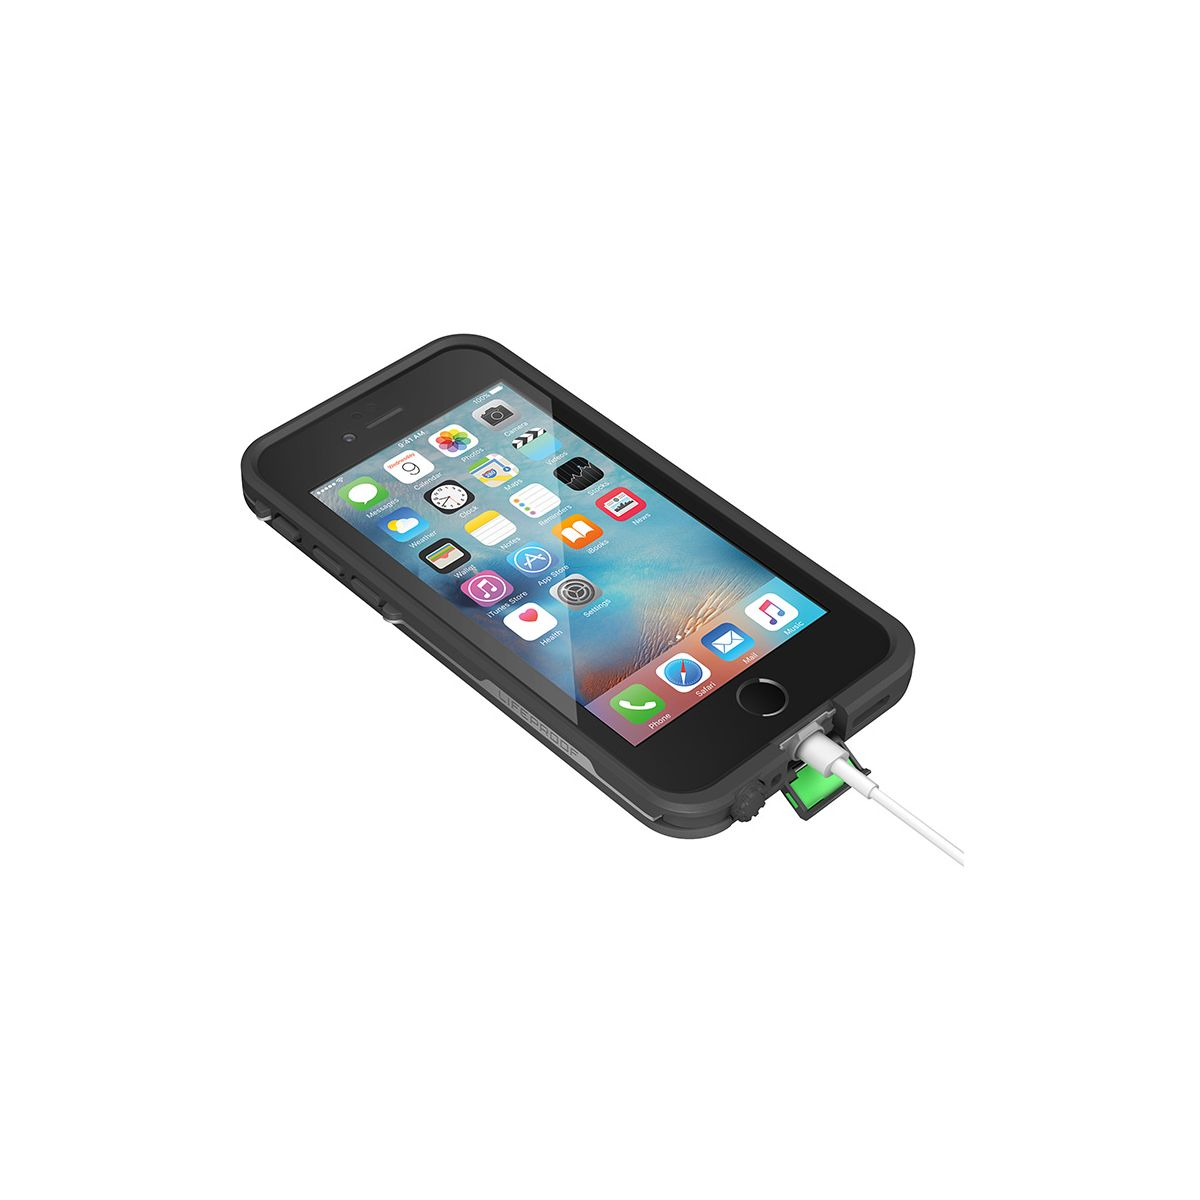 Coque lifeproof fre iphone 6/6s noir - 20% de remise immédiate avec le code : multi20